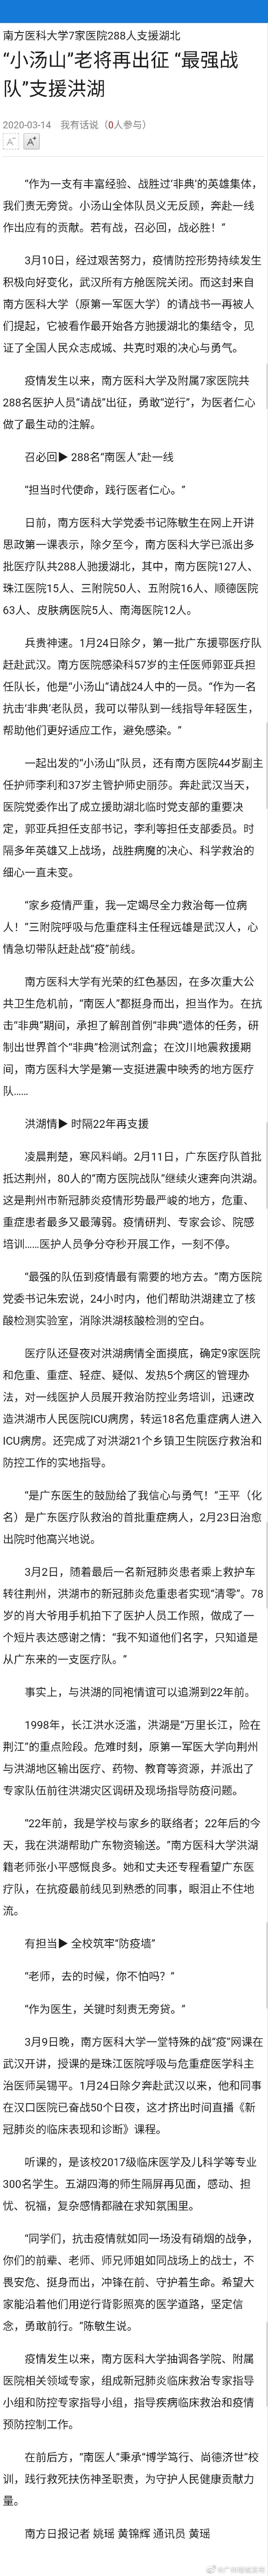 """南方医科大学7家医院288人支援湖北——""""小汤山""""老将再出征 """"最强"""